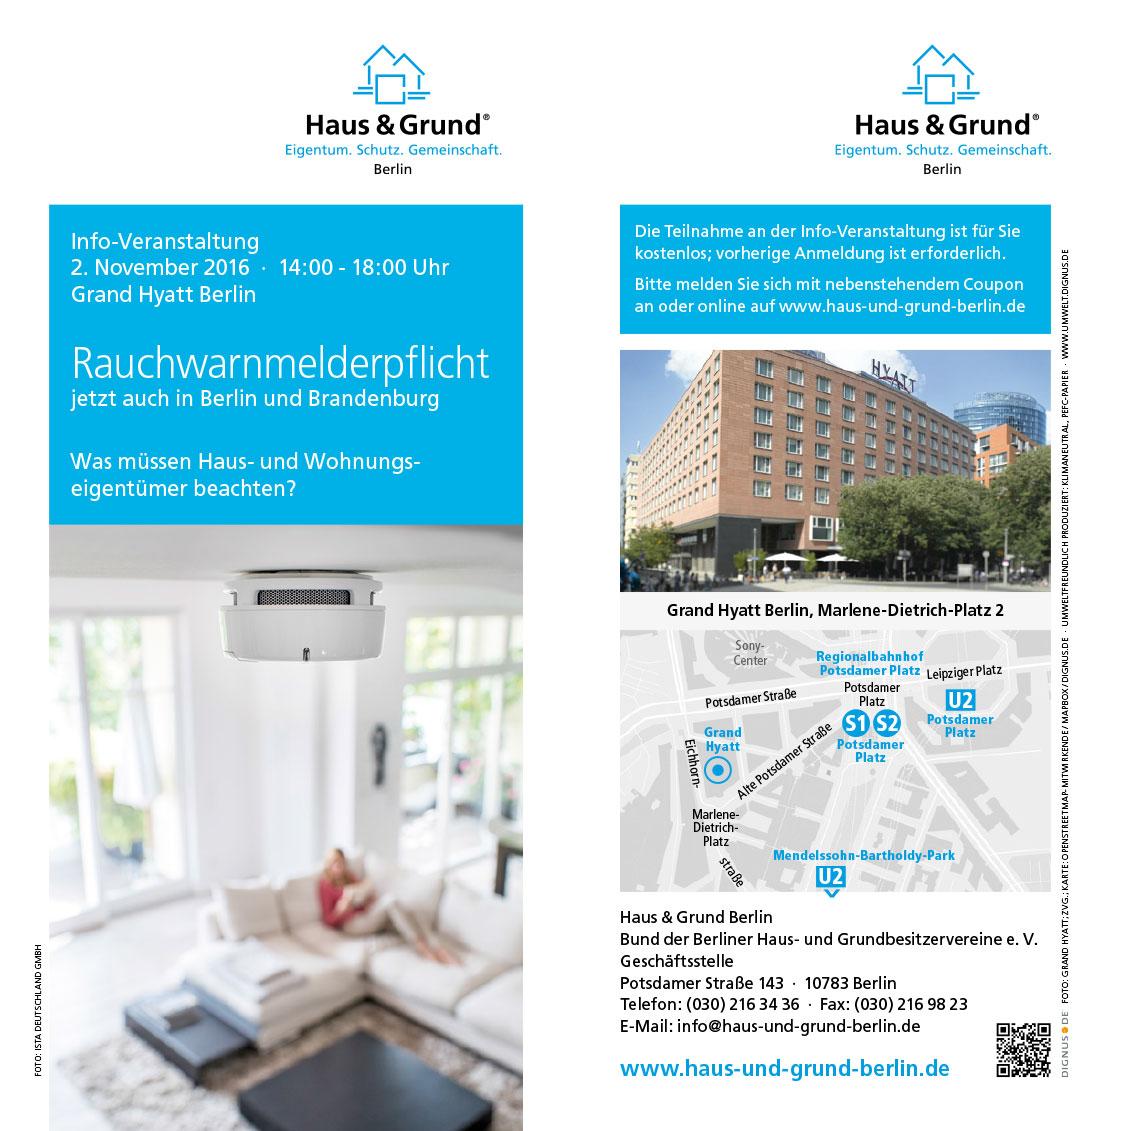 Haus Und Grund Nürnberg: Haus Und Grund Berlin